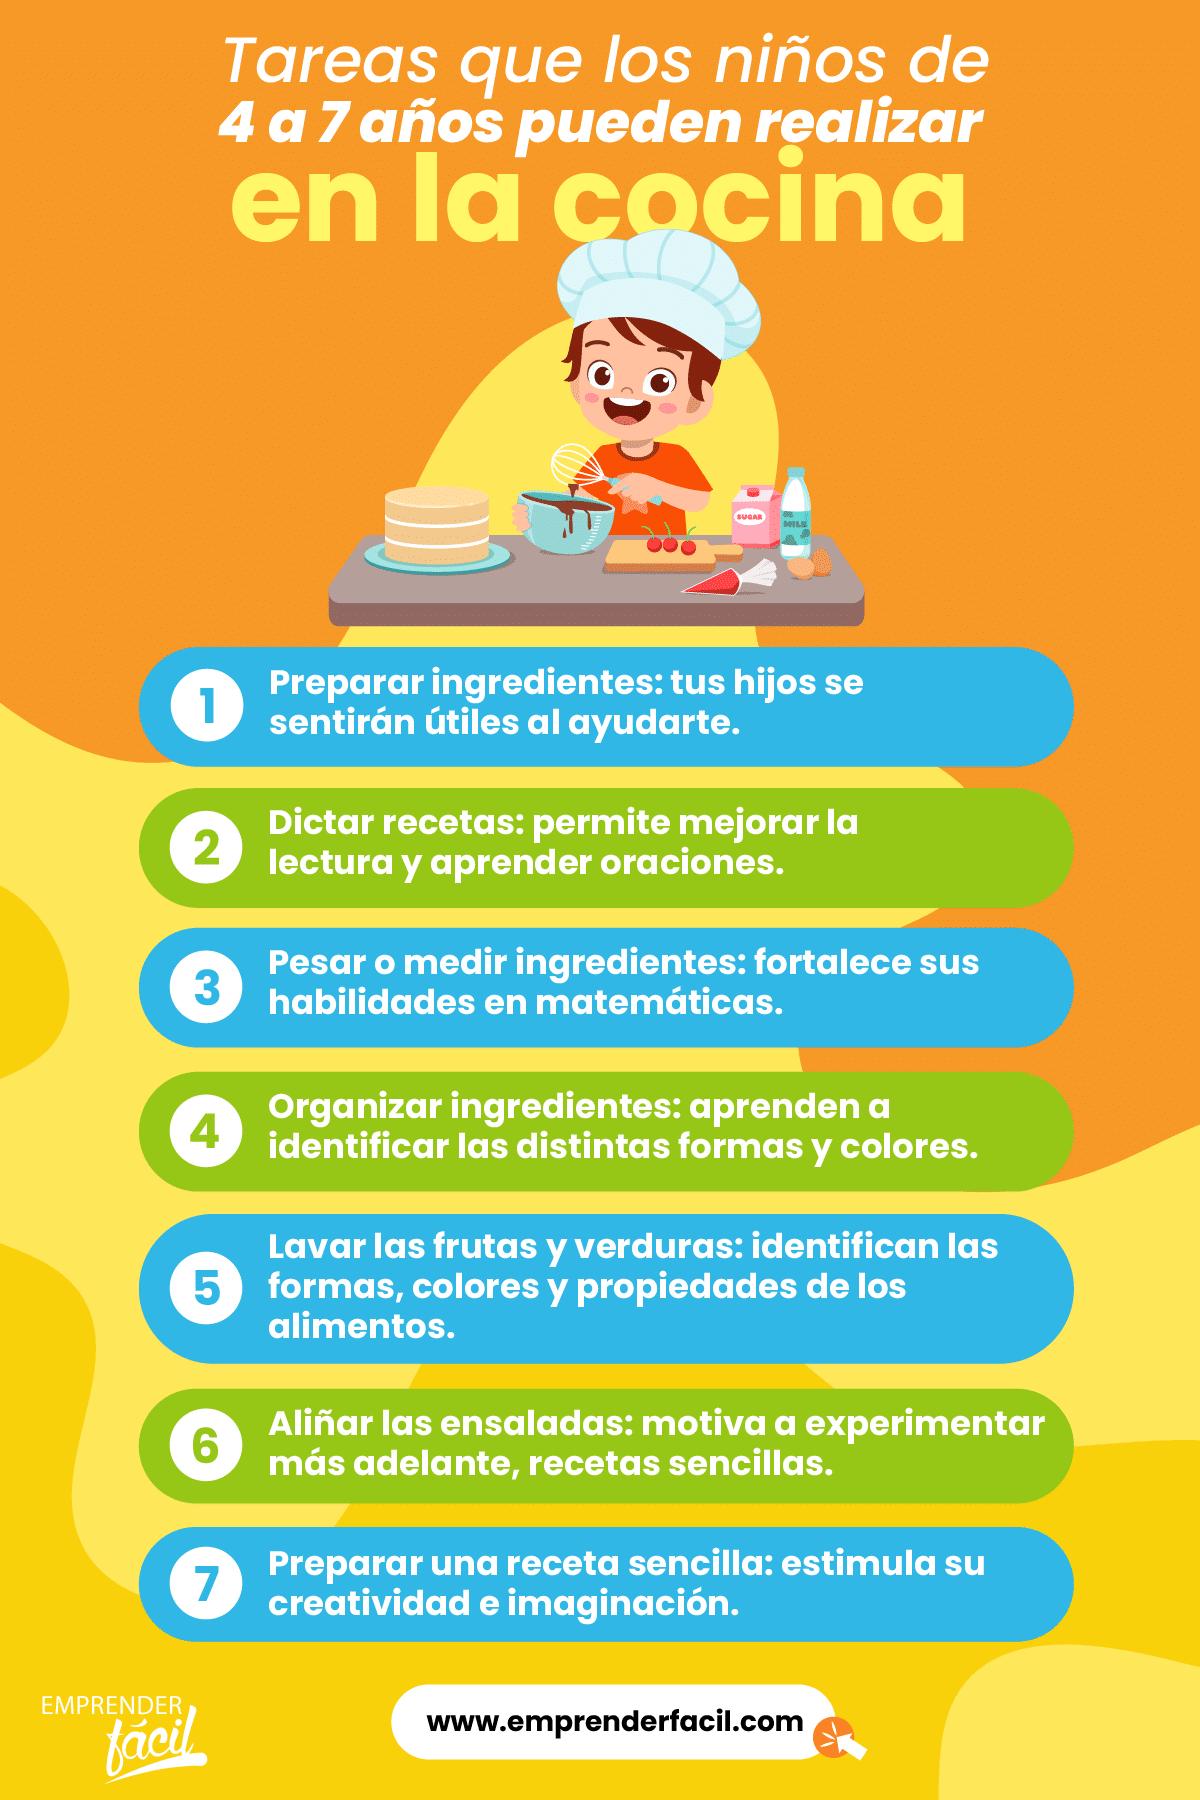 Actividades básicas que los niños de 4 a 7 años pueden realizar en la cocina.